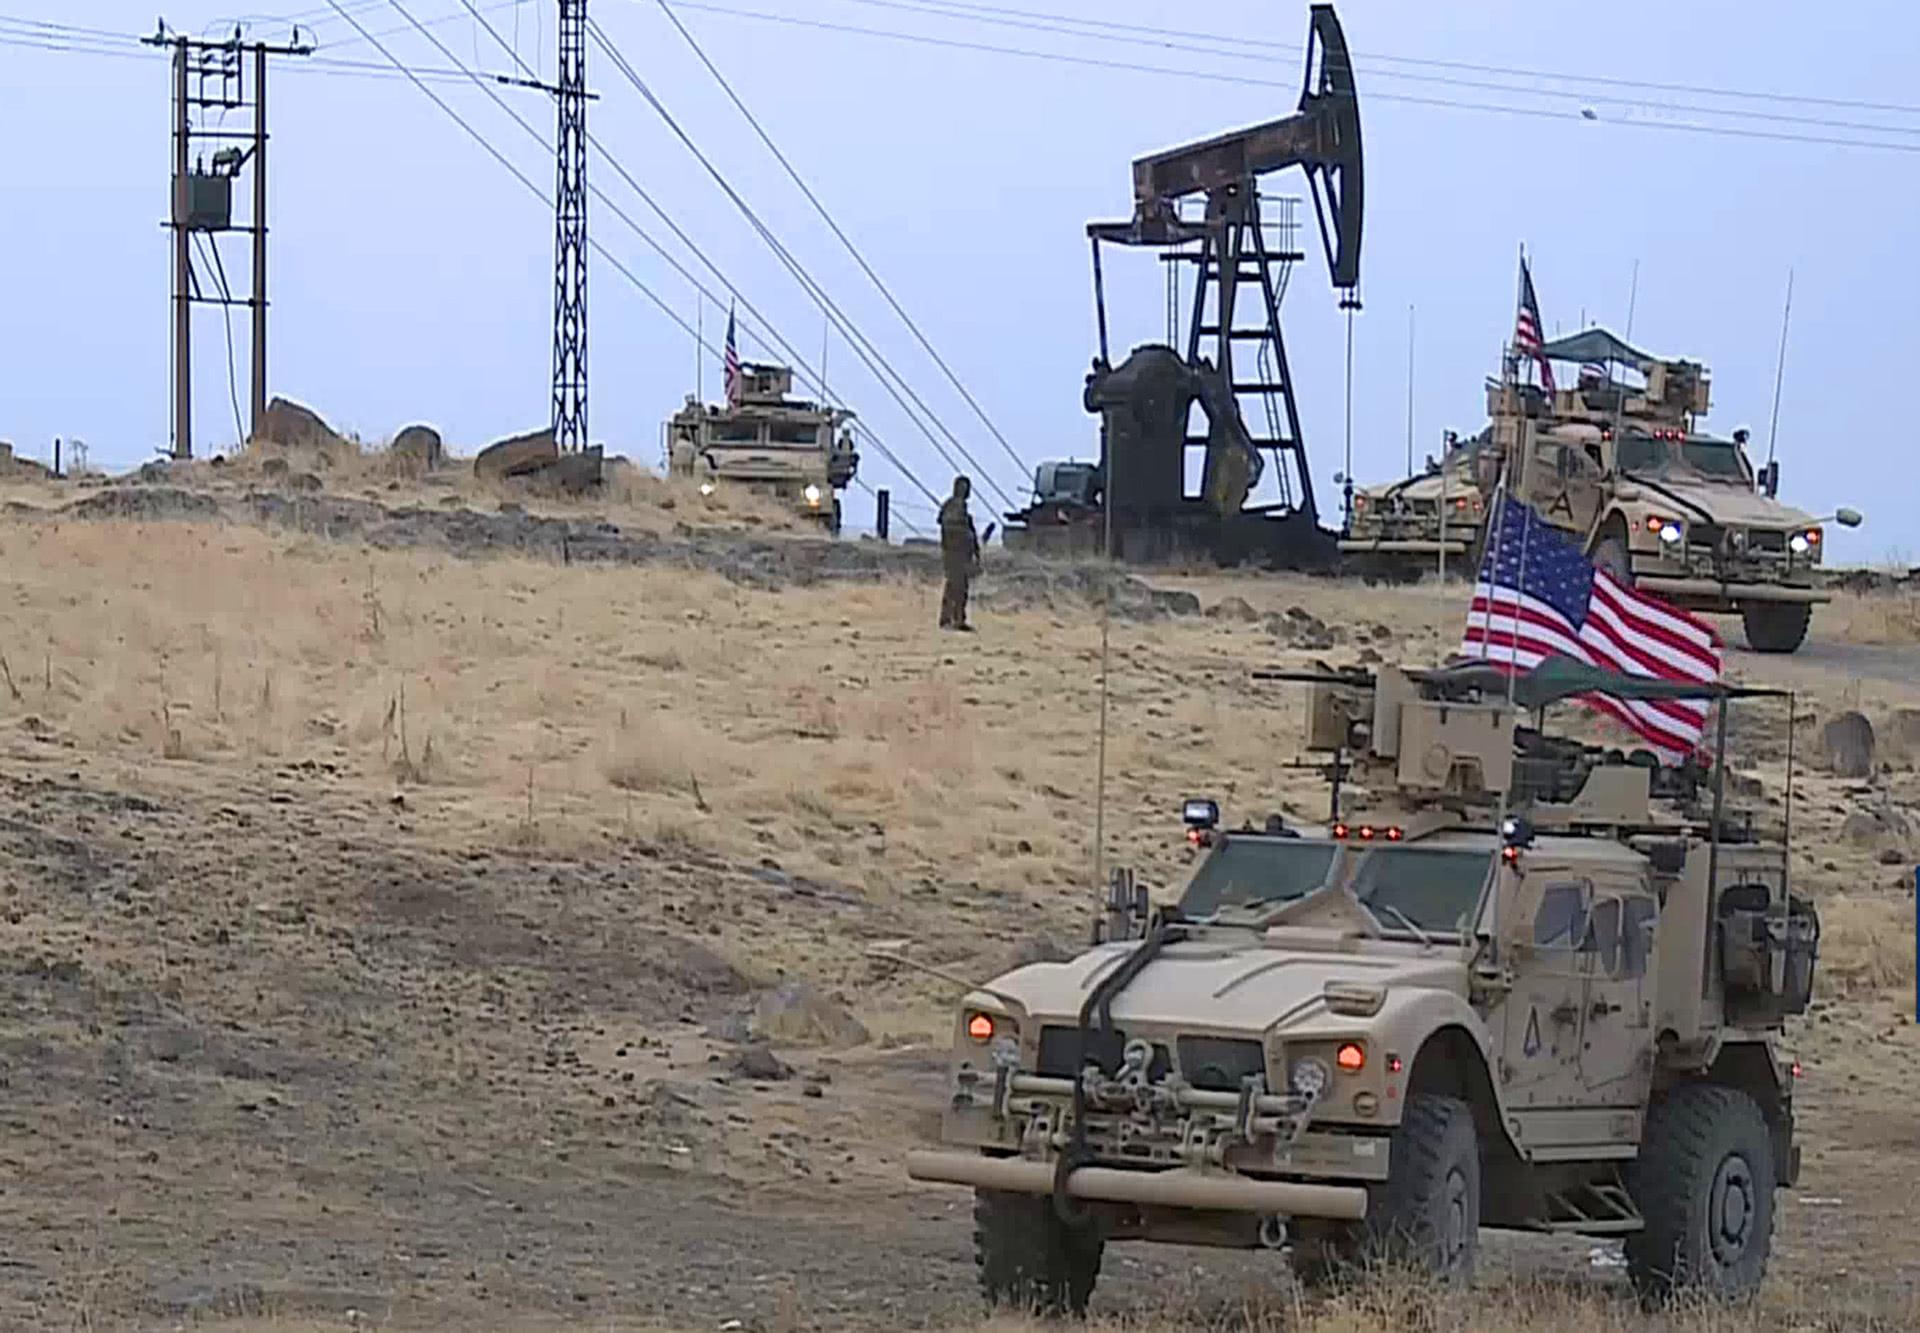 美軍光天化日搶劫石油,敘利亞不敢阻攔,俄羅斯發出最後通牒